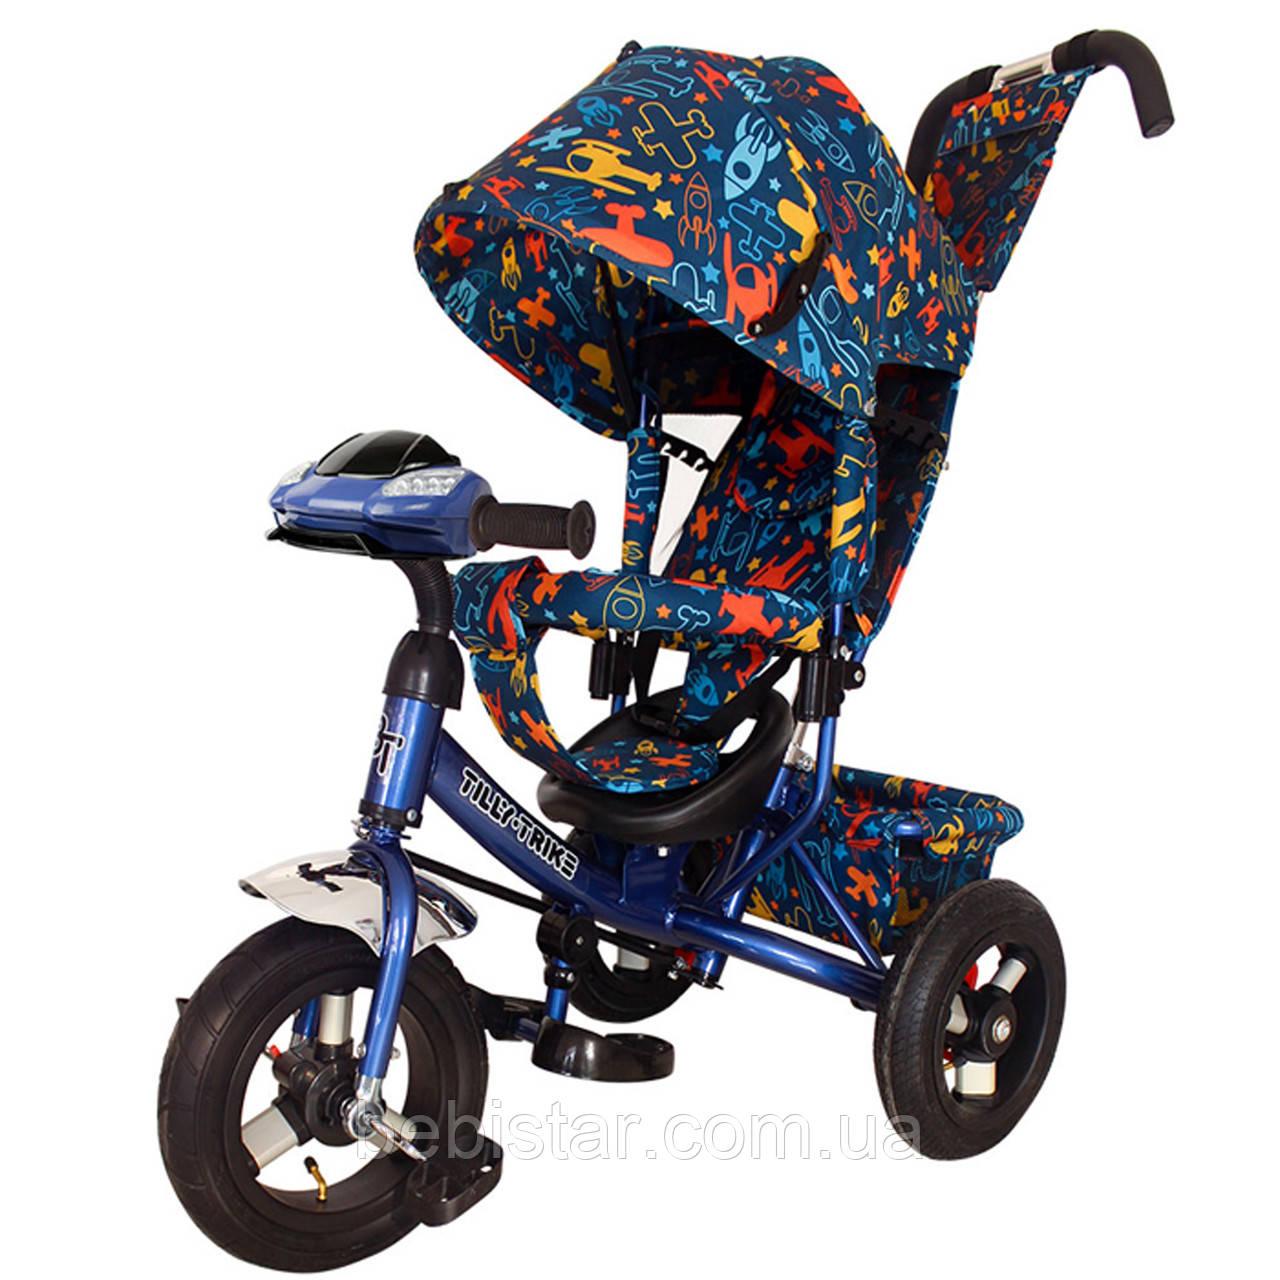 Детский трехколесный велосипед музыка свет TILLY Trike T-363-3/1 надувные колеса синий